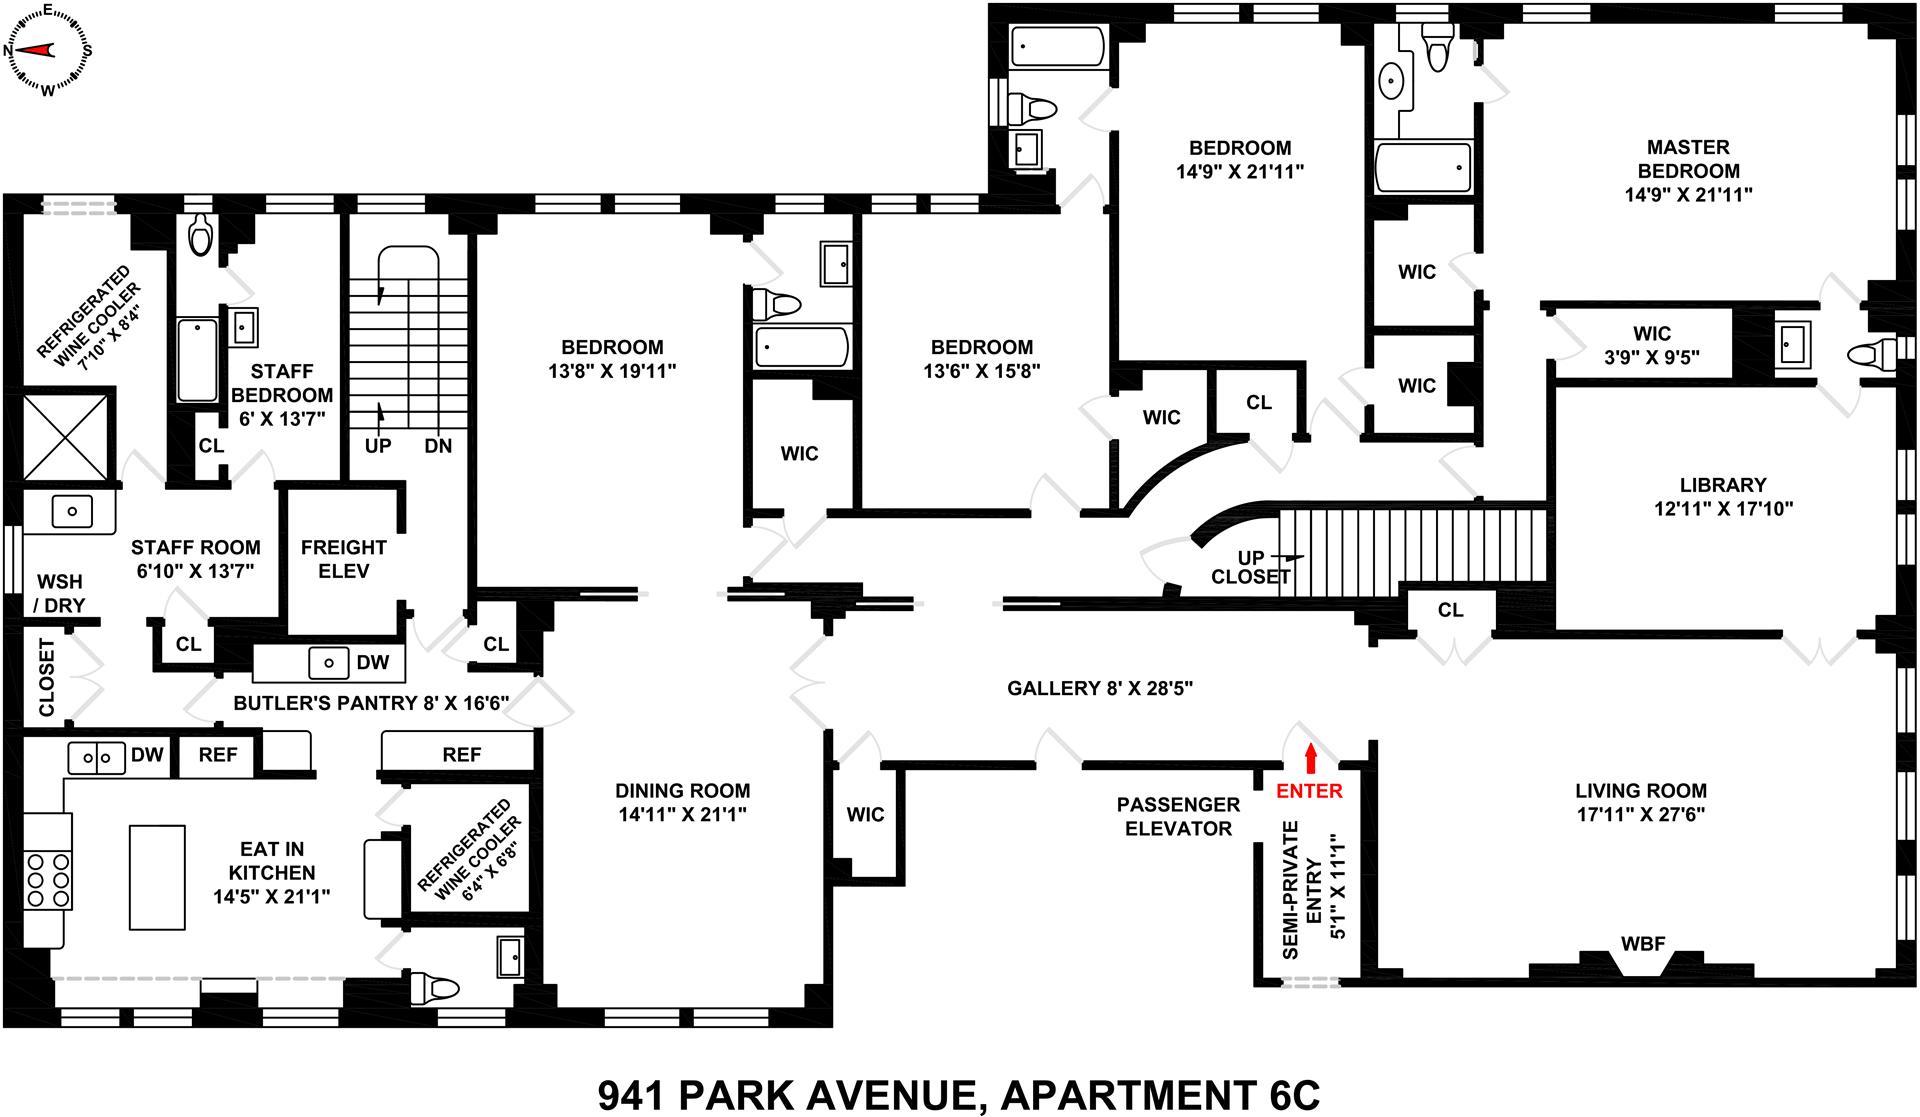 Floor plan of 941 Park Avenue, 6C - Upper East Side, New York